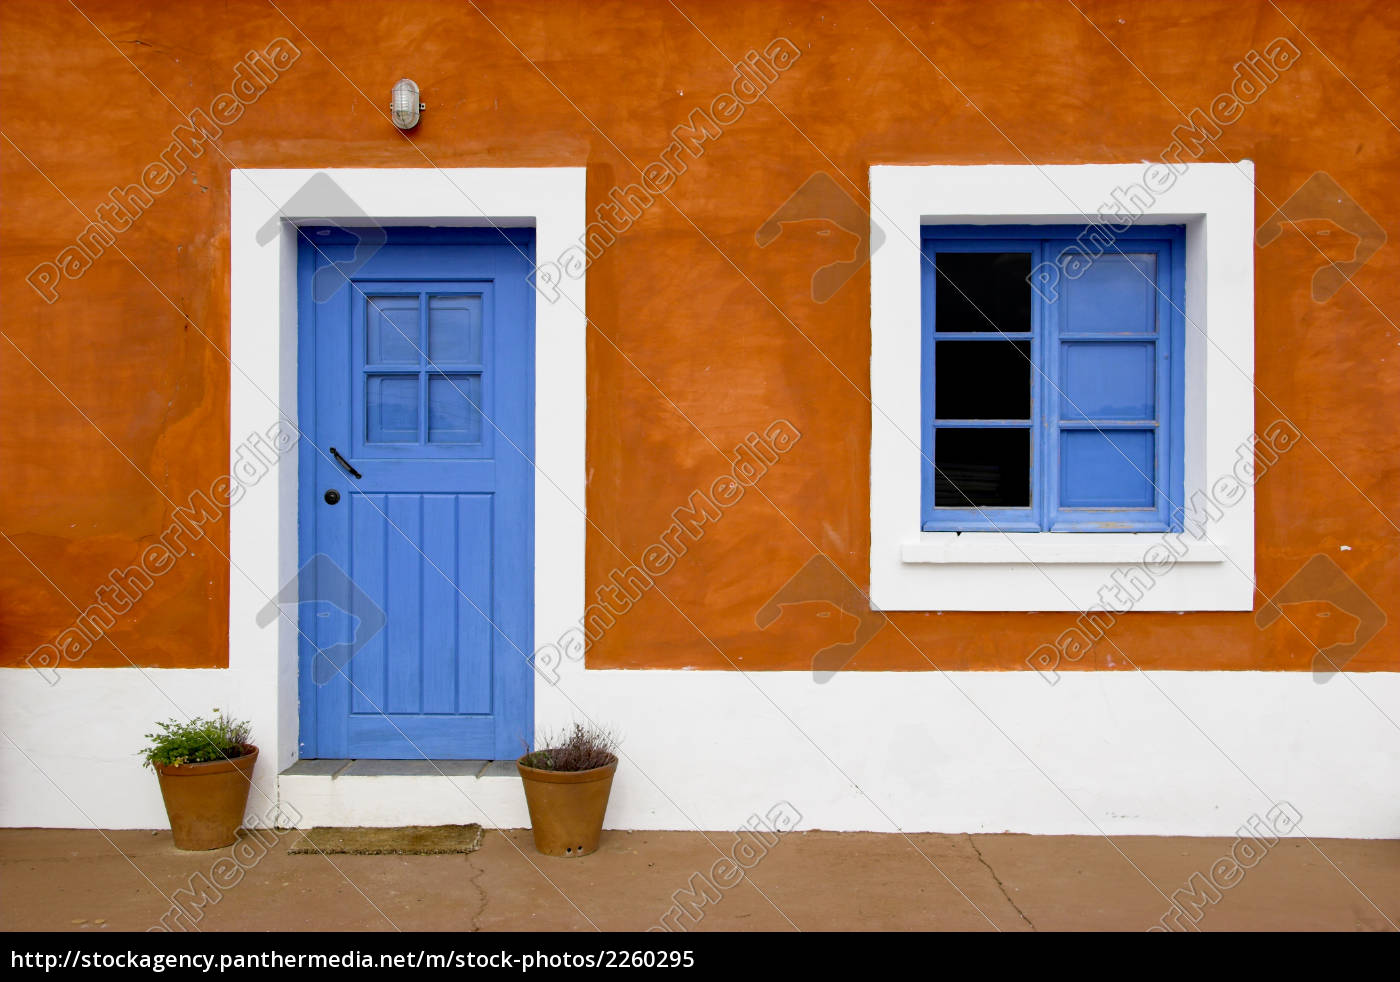 blue, window, and, door - 2260295